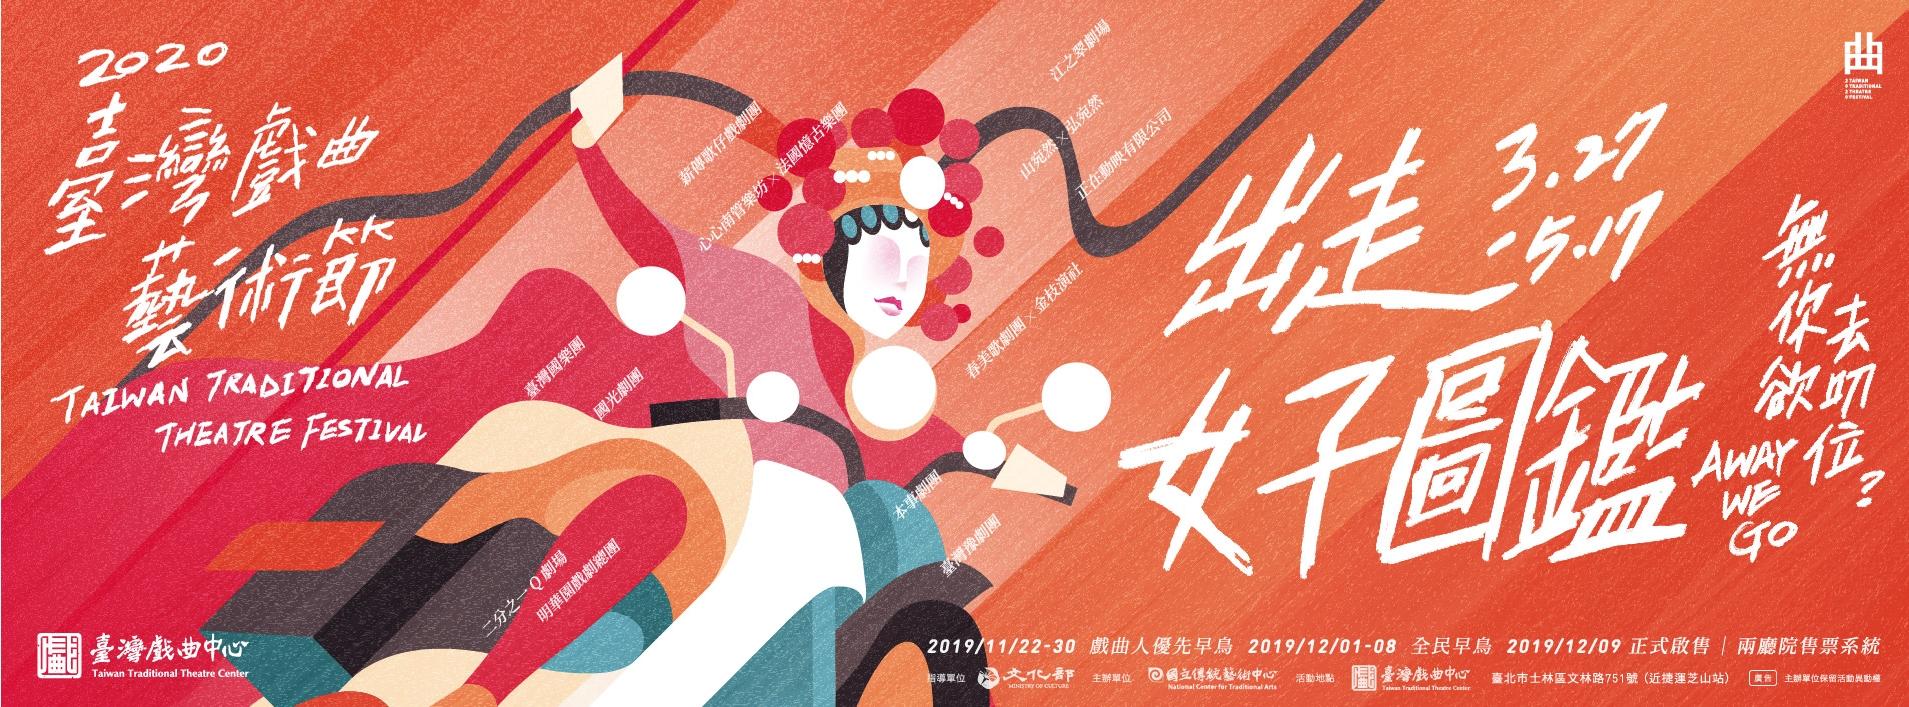 2020年台湾オペラ芸術祭「新しいウィンドウを開く」